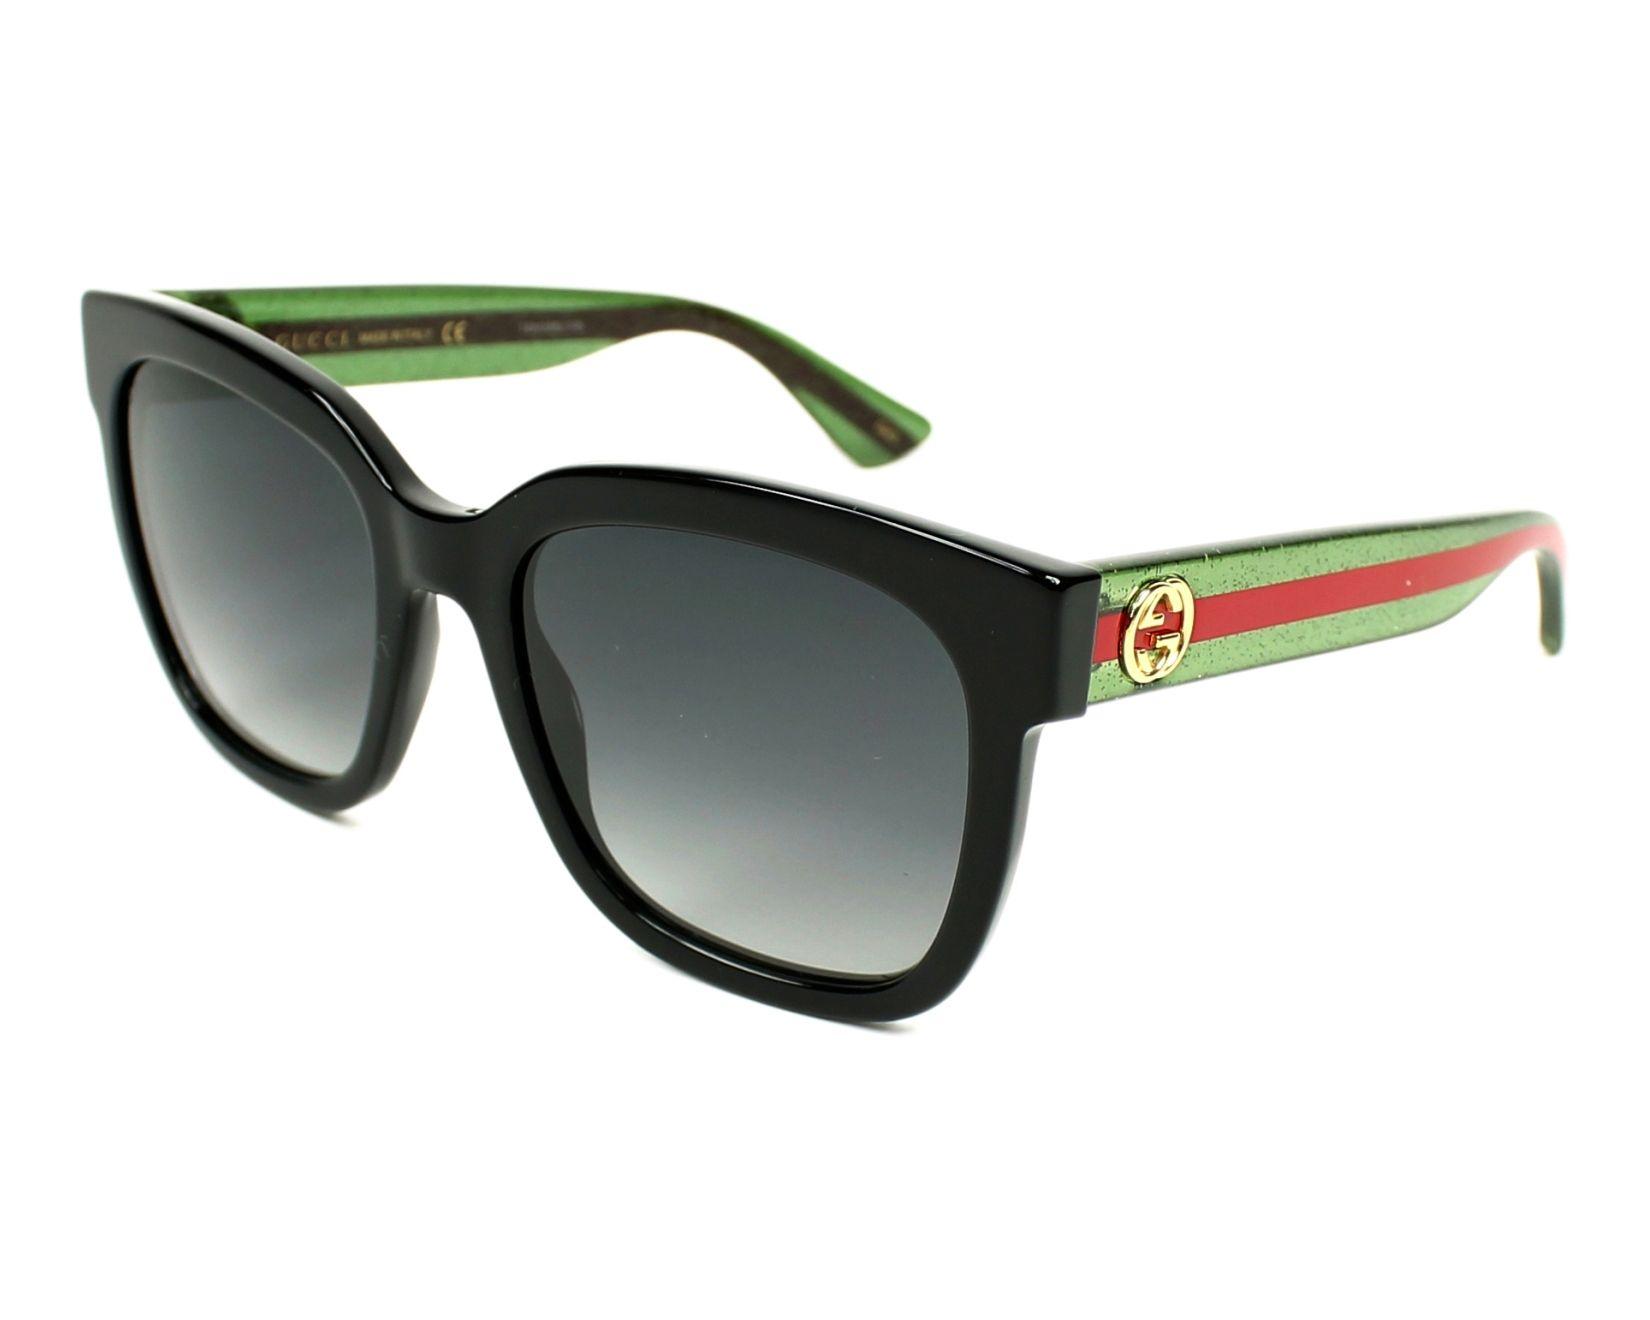 precio competitivo 282b7 6c1d6 Gucci GG-0034-S 002